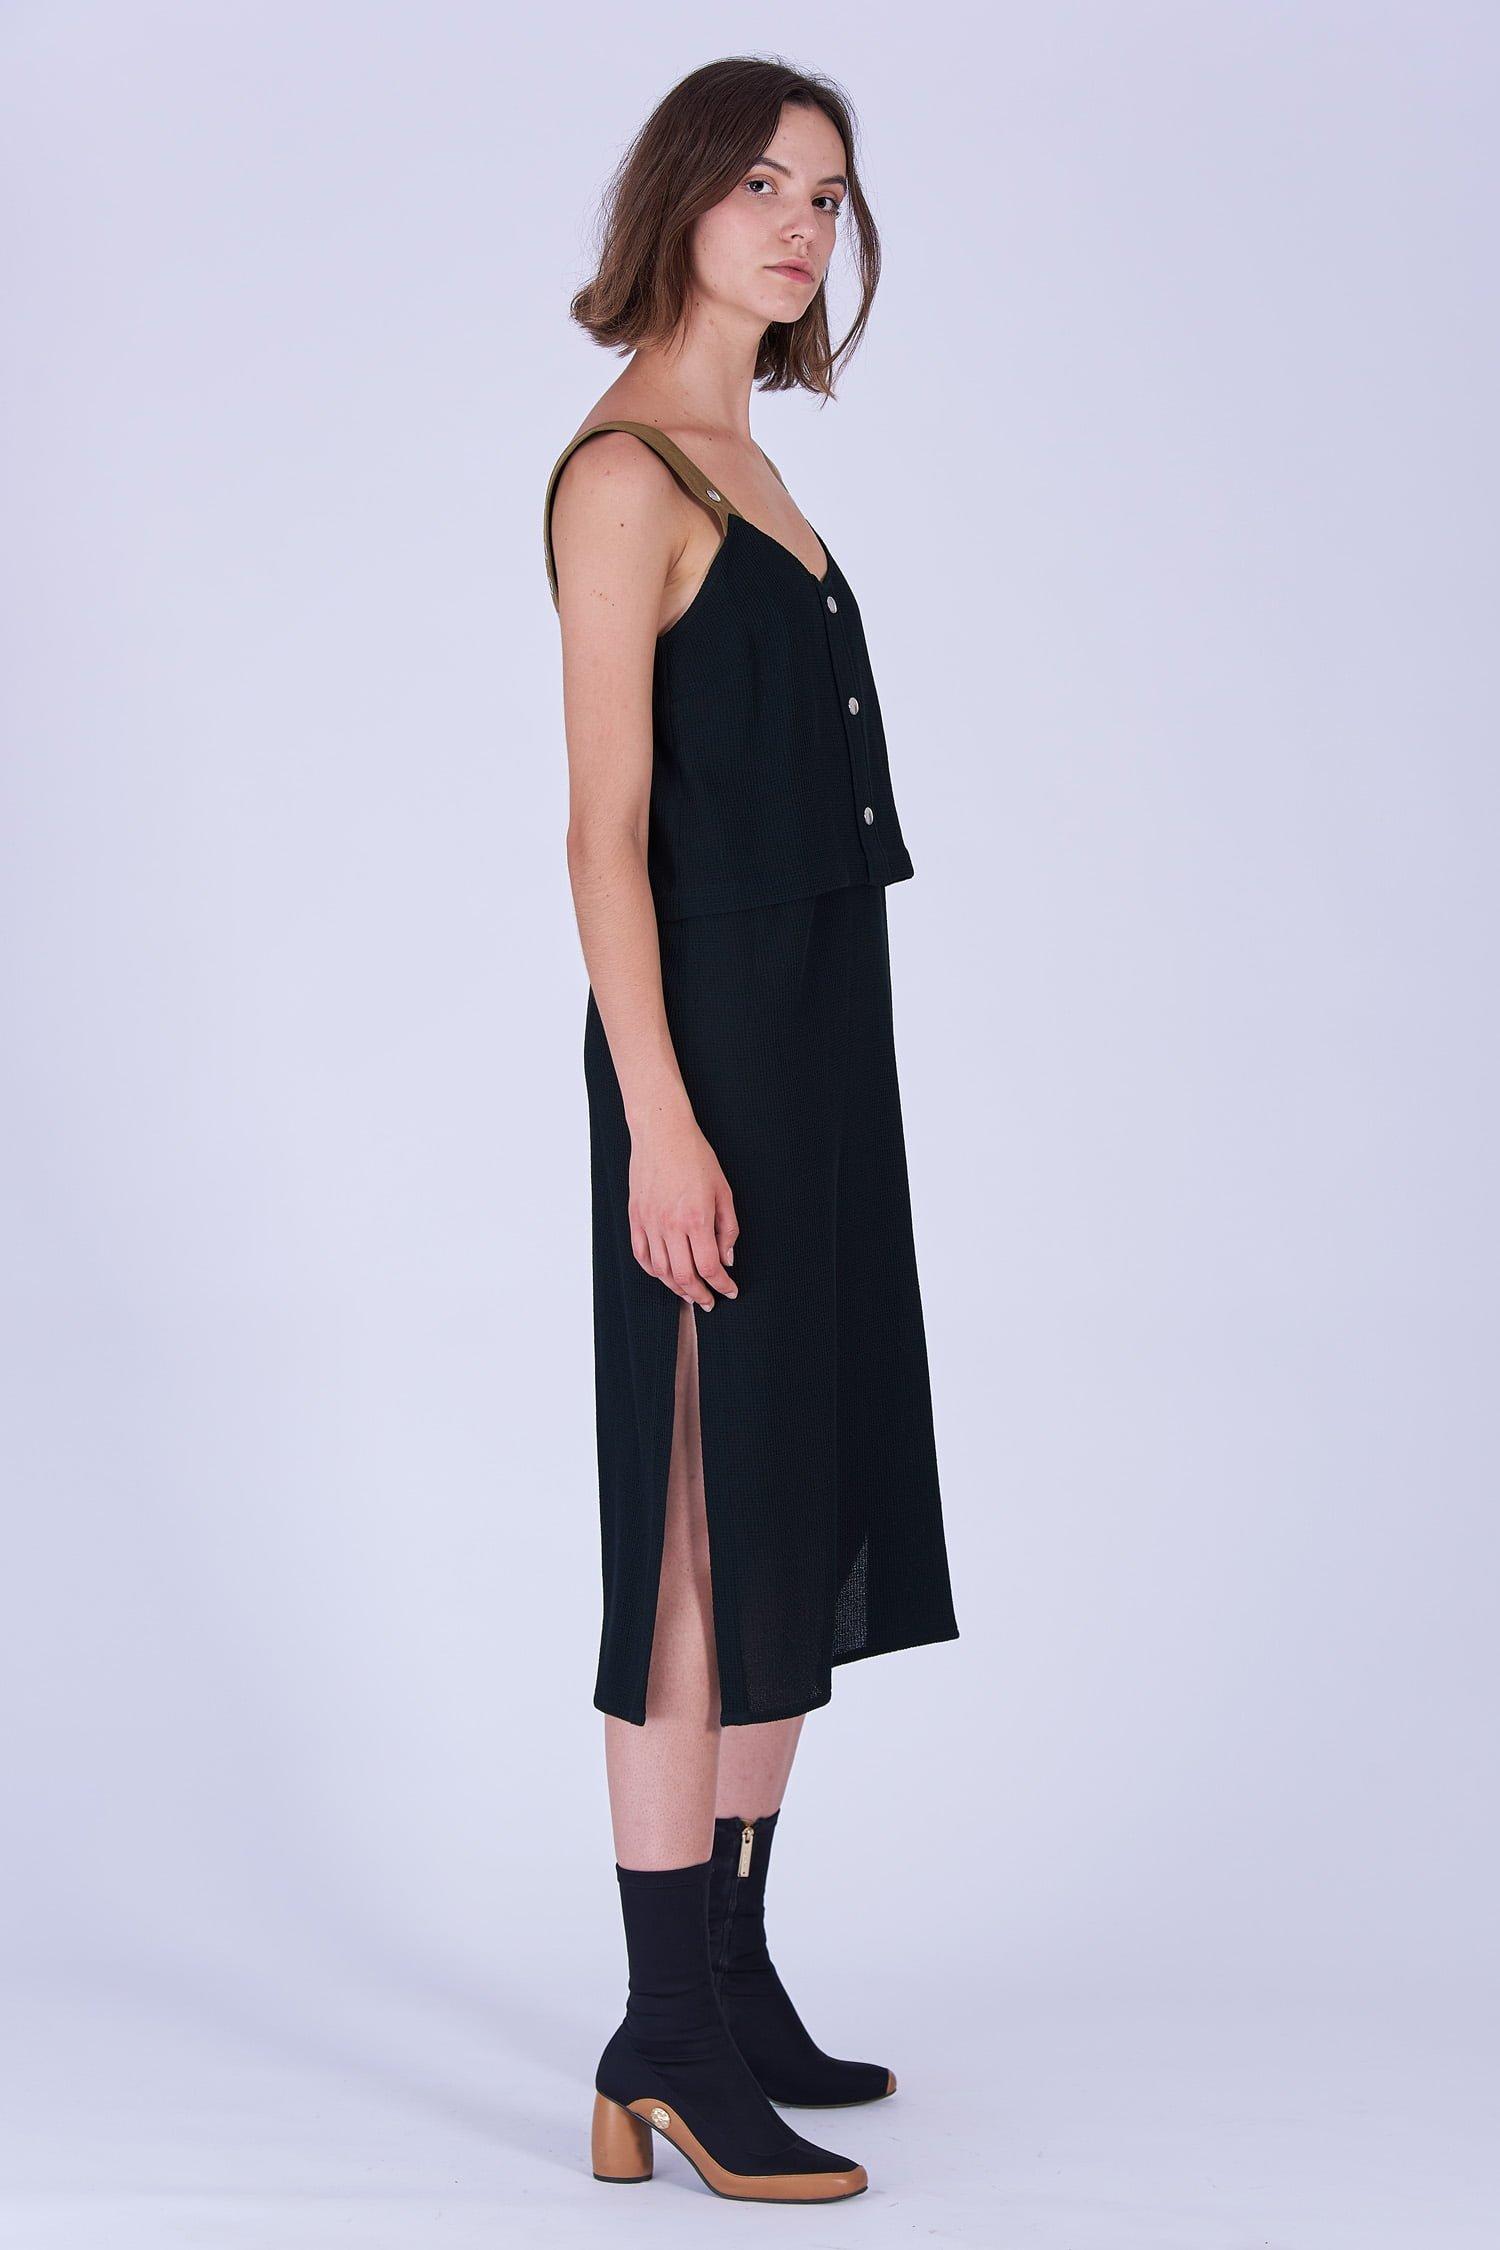 Acephala Fw19 20 Black Strap Midi Dress Czarna Sukienka Szelki Side 2